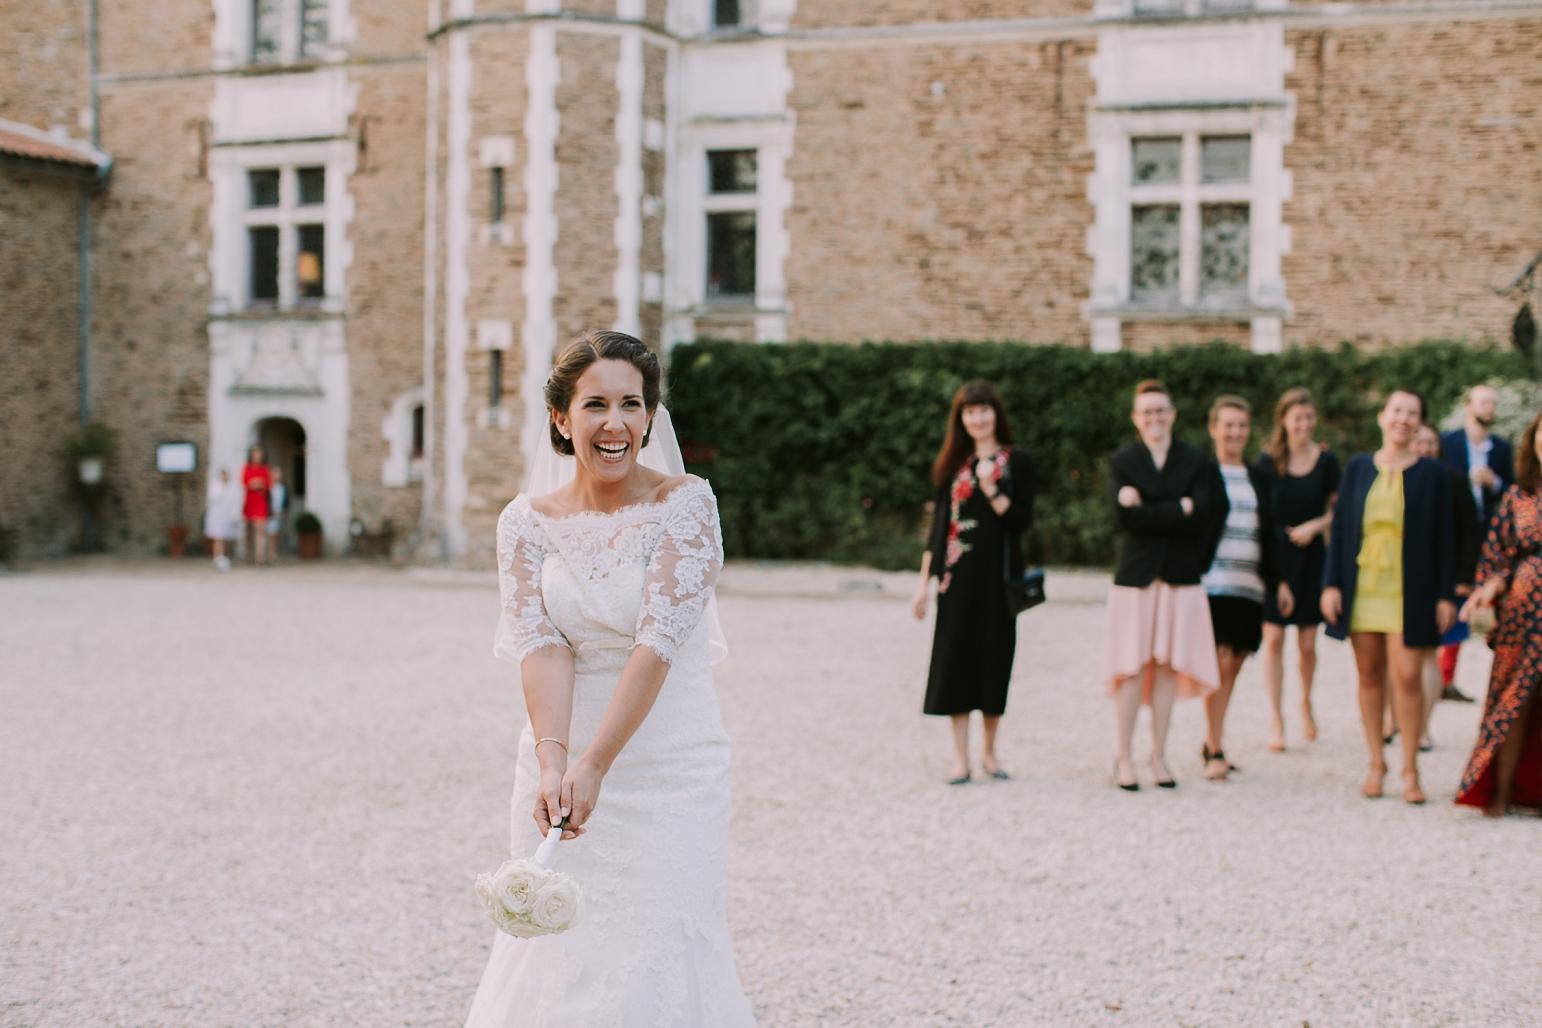 kateryna-photos-mariage-wedding-france-bretagne-pays-de-la-loire-chateau-de-la-colaissiere-st-sauveur-de-landemont_0081.jpg